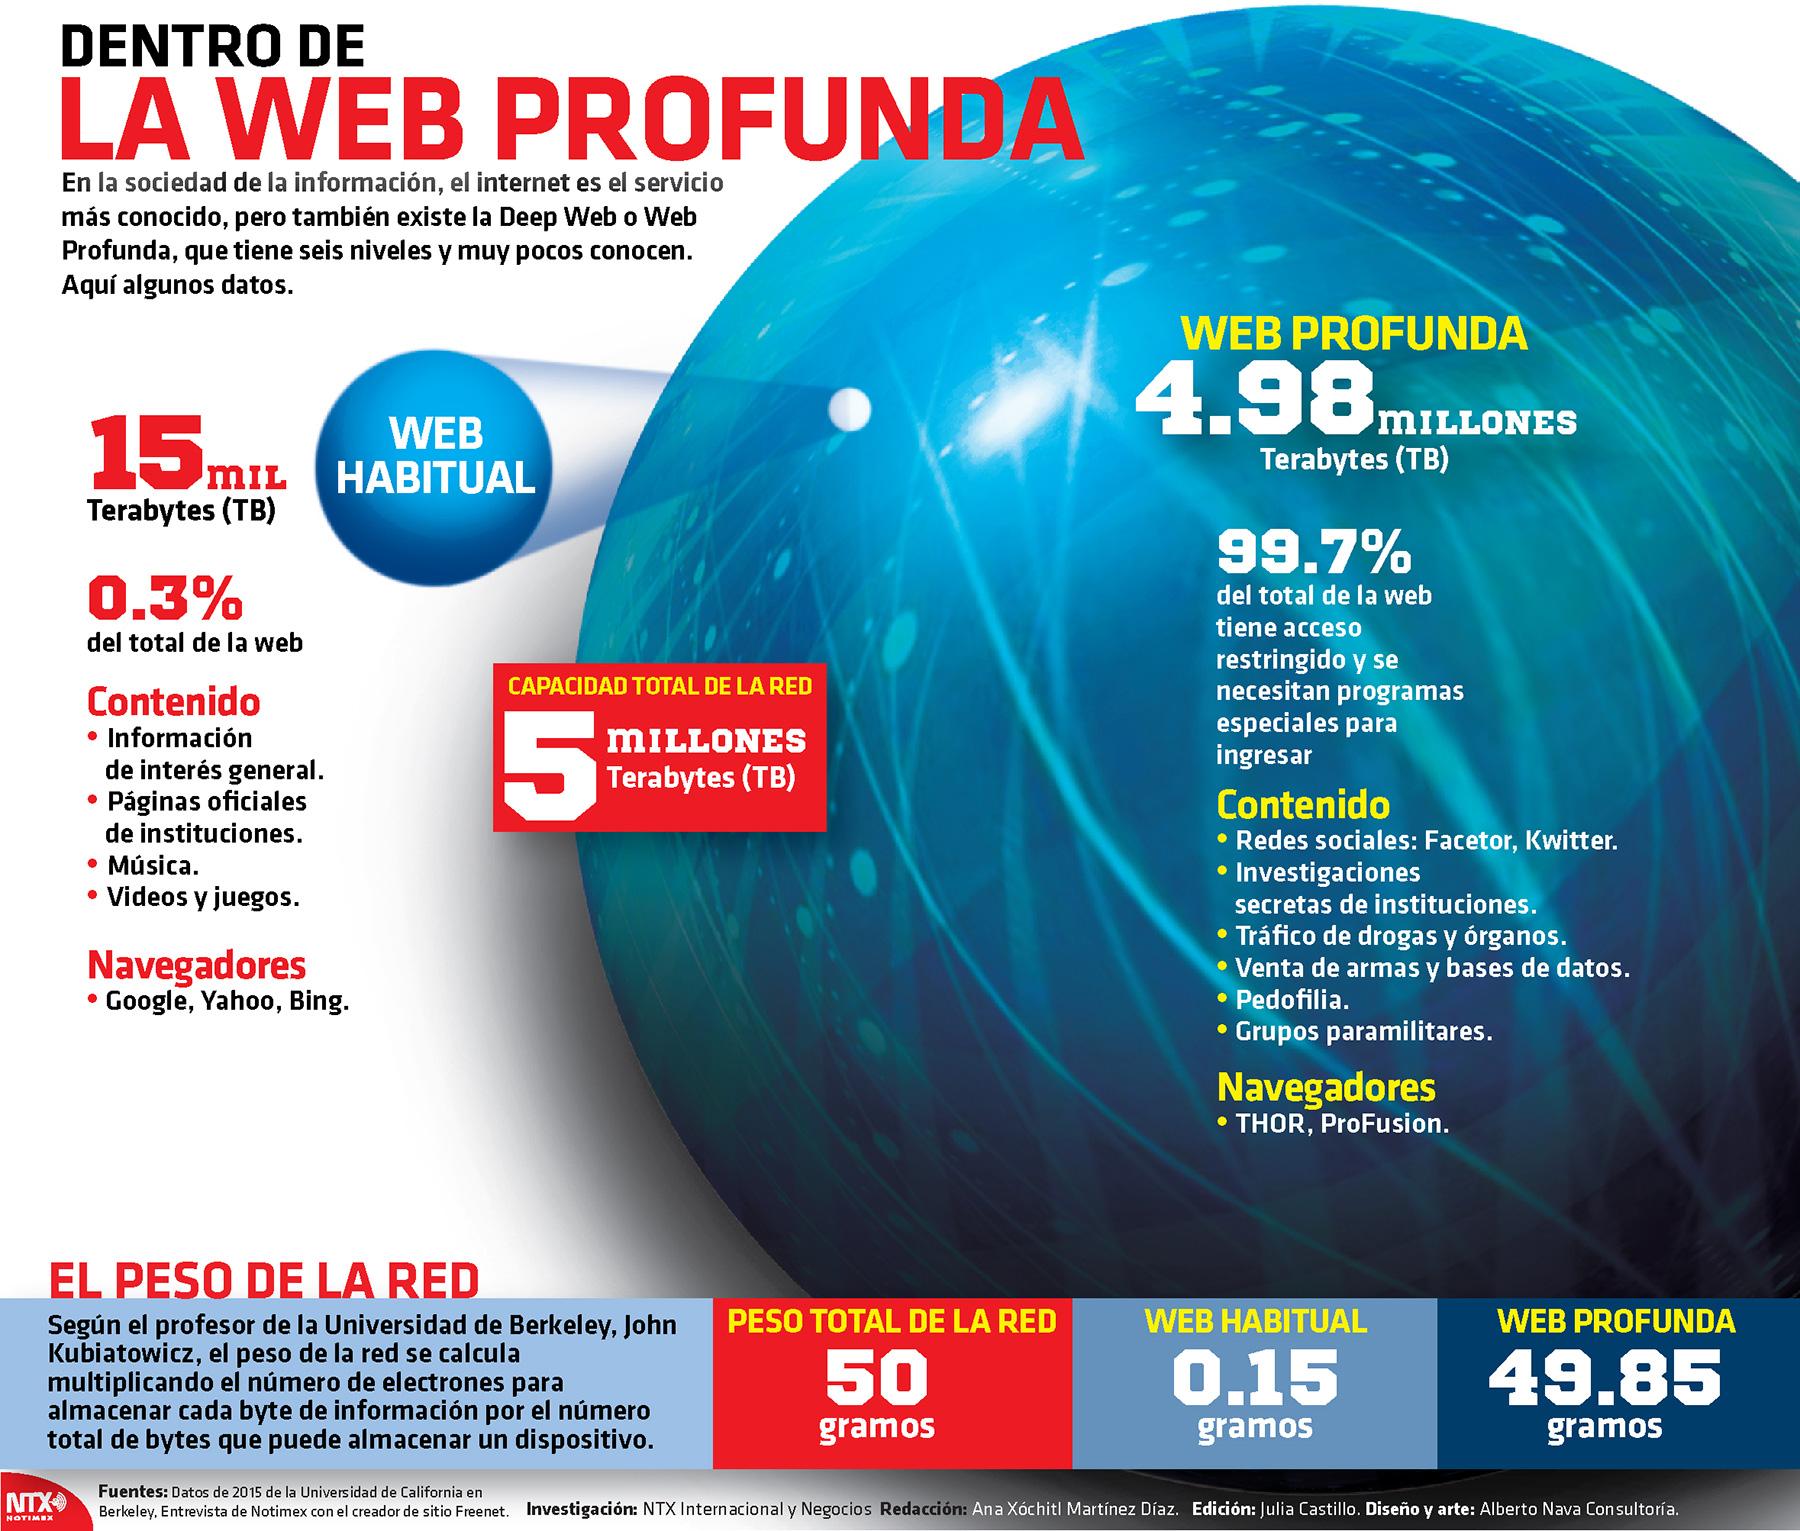 Dentro de la web profunda